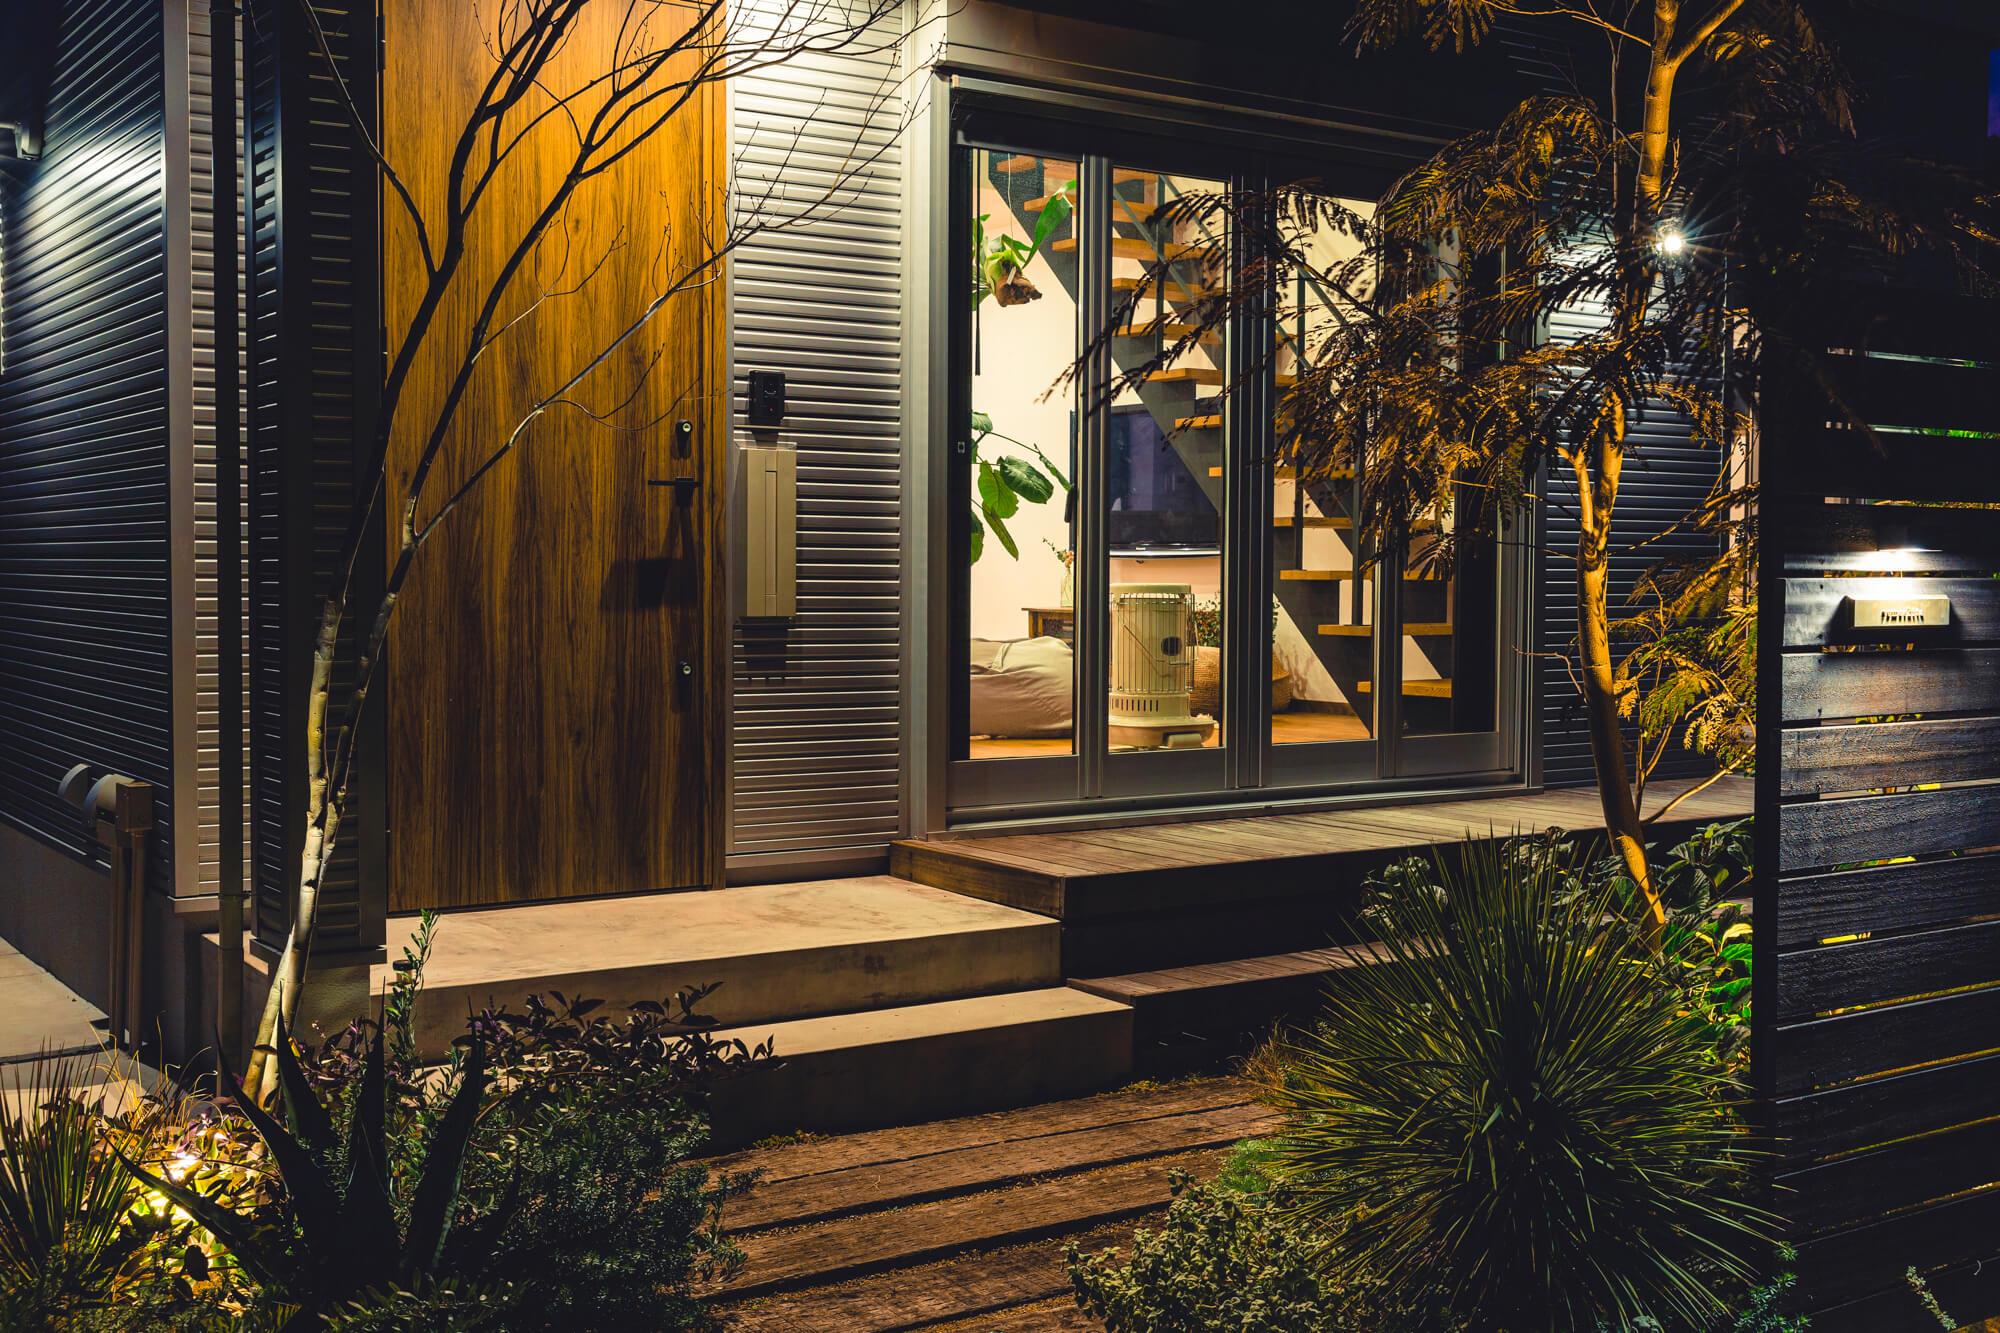 ライトアップで植物も映えるお家